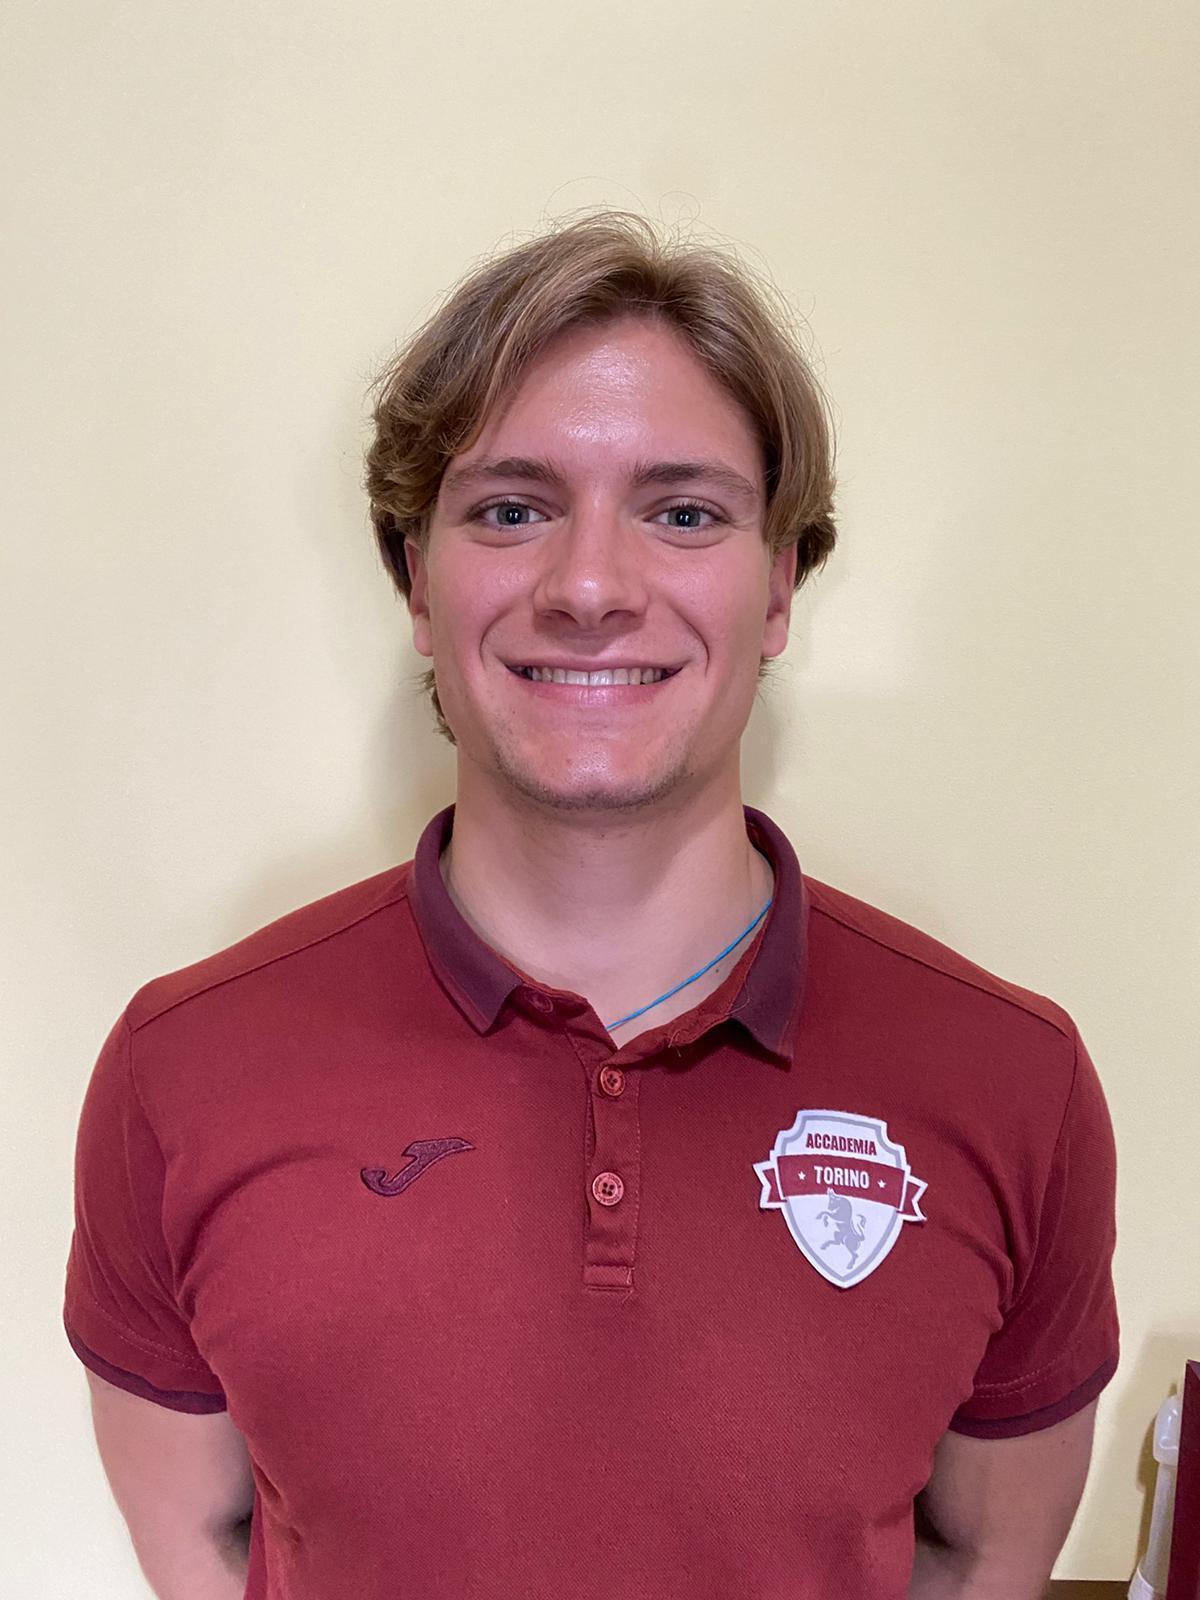 Matteo Corsucci